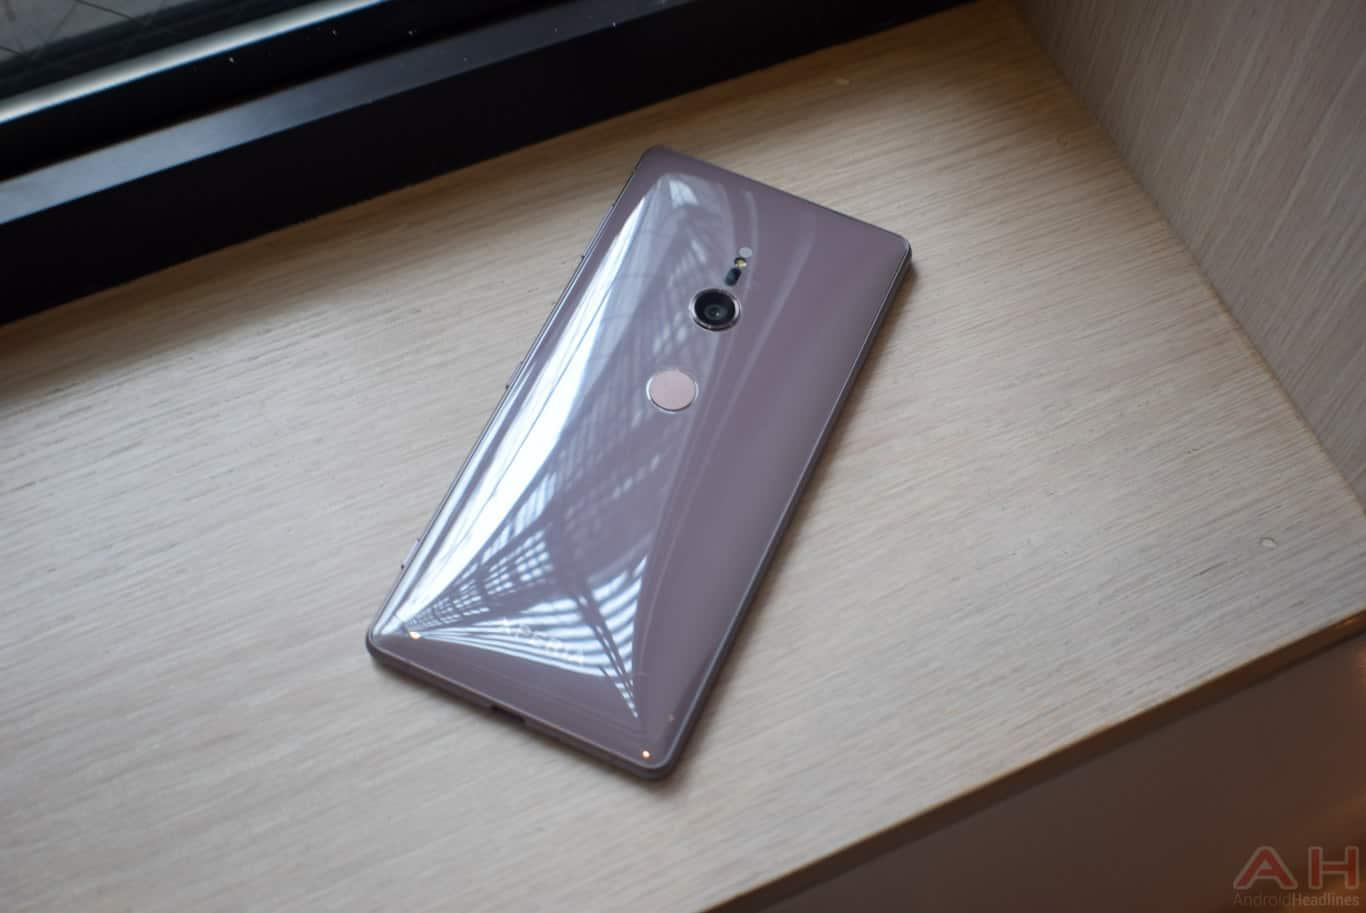 Sony Xperia XZ2 MWC 18 AM AH 7